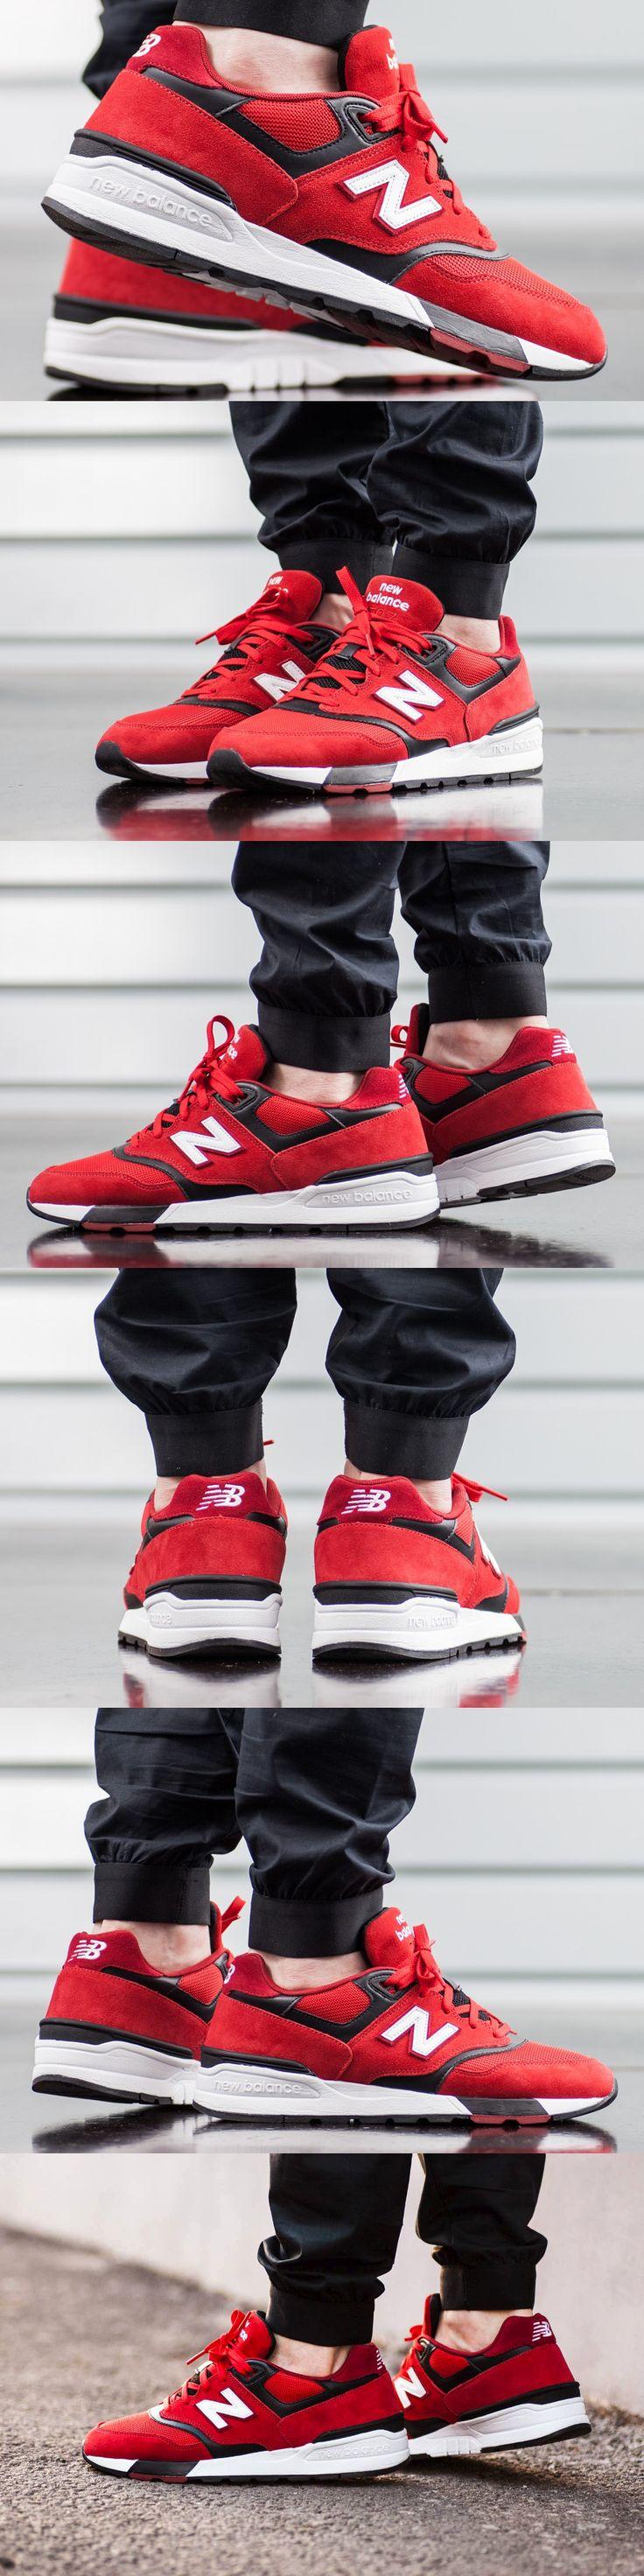 #stylefromachitownerseye New Balance ML 597 Red